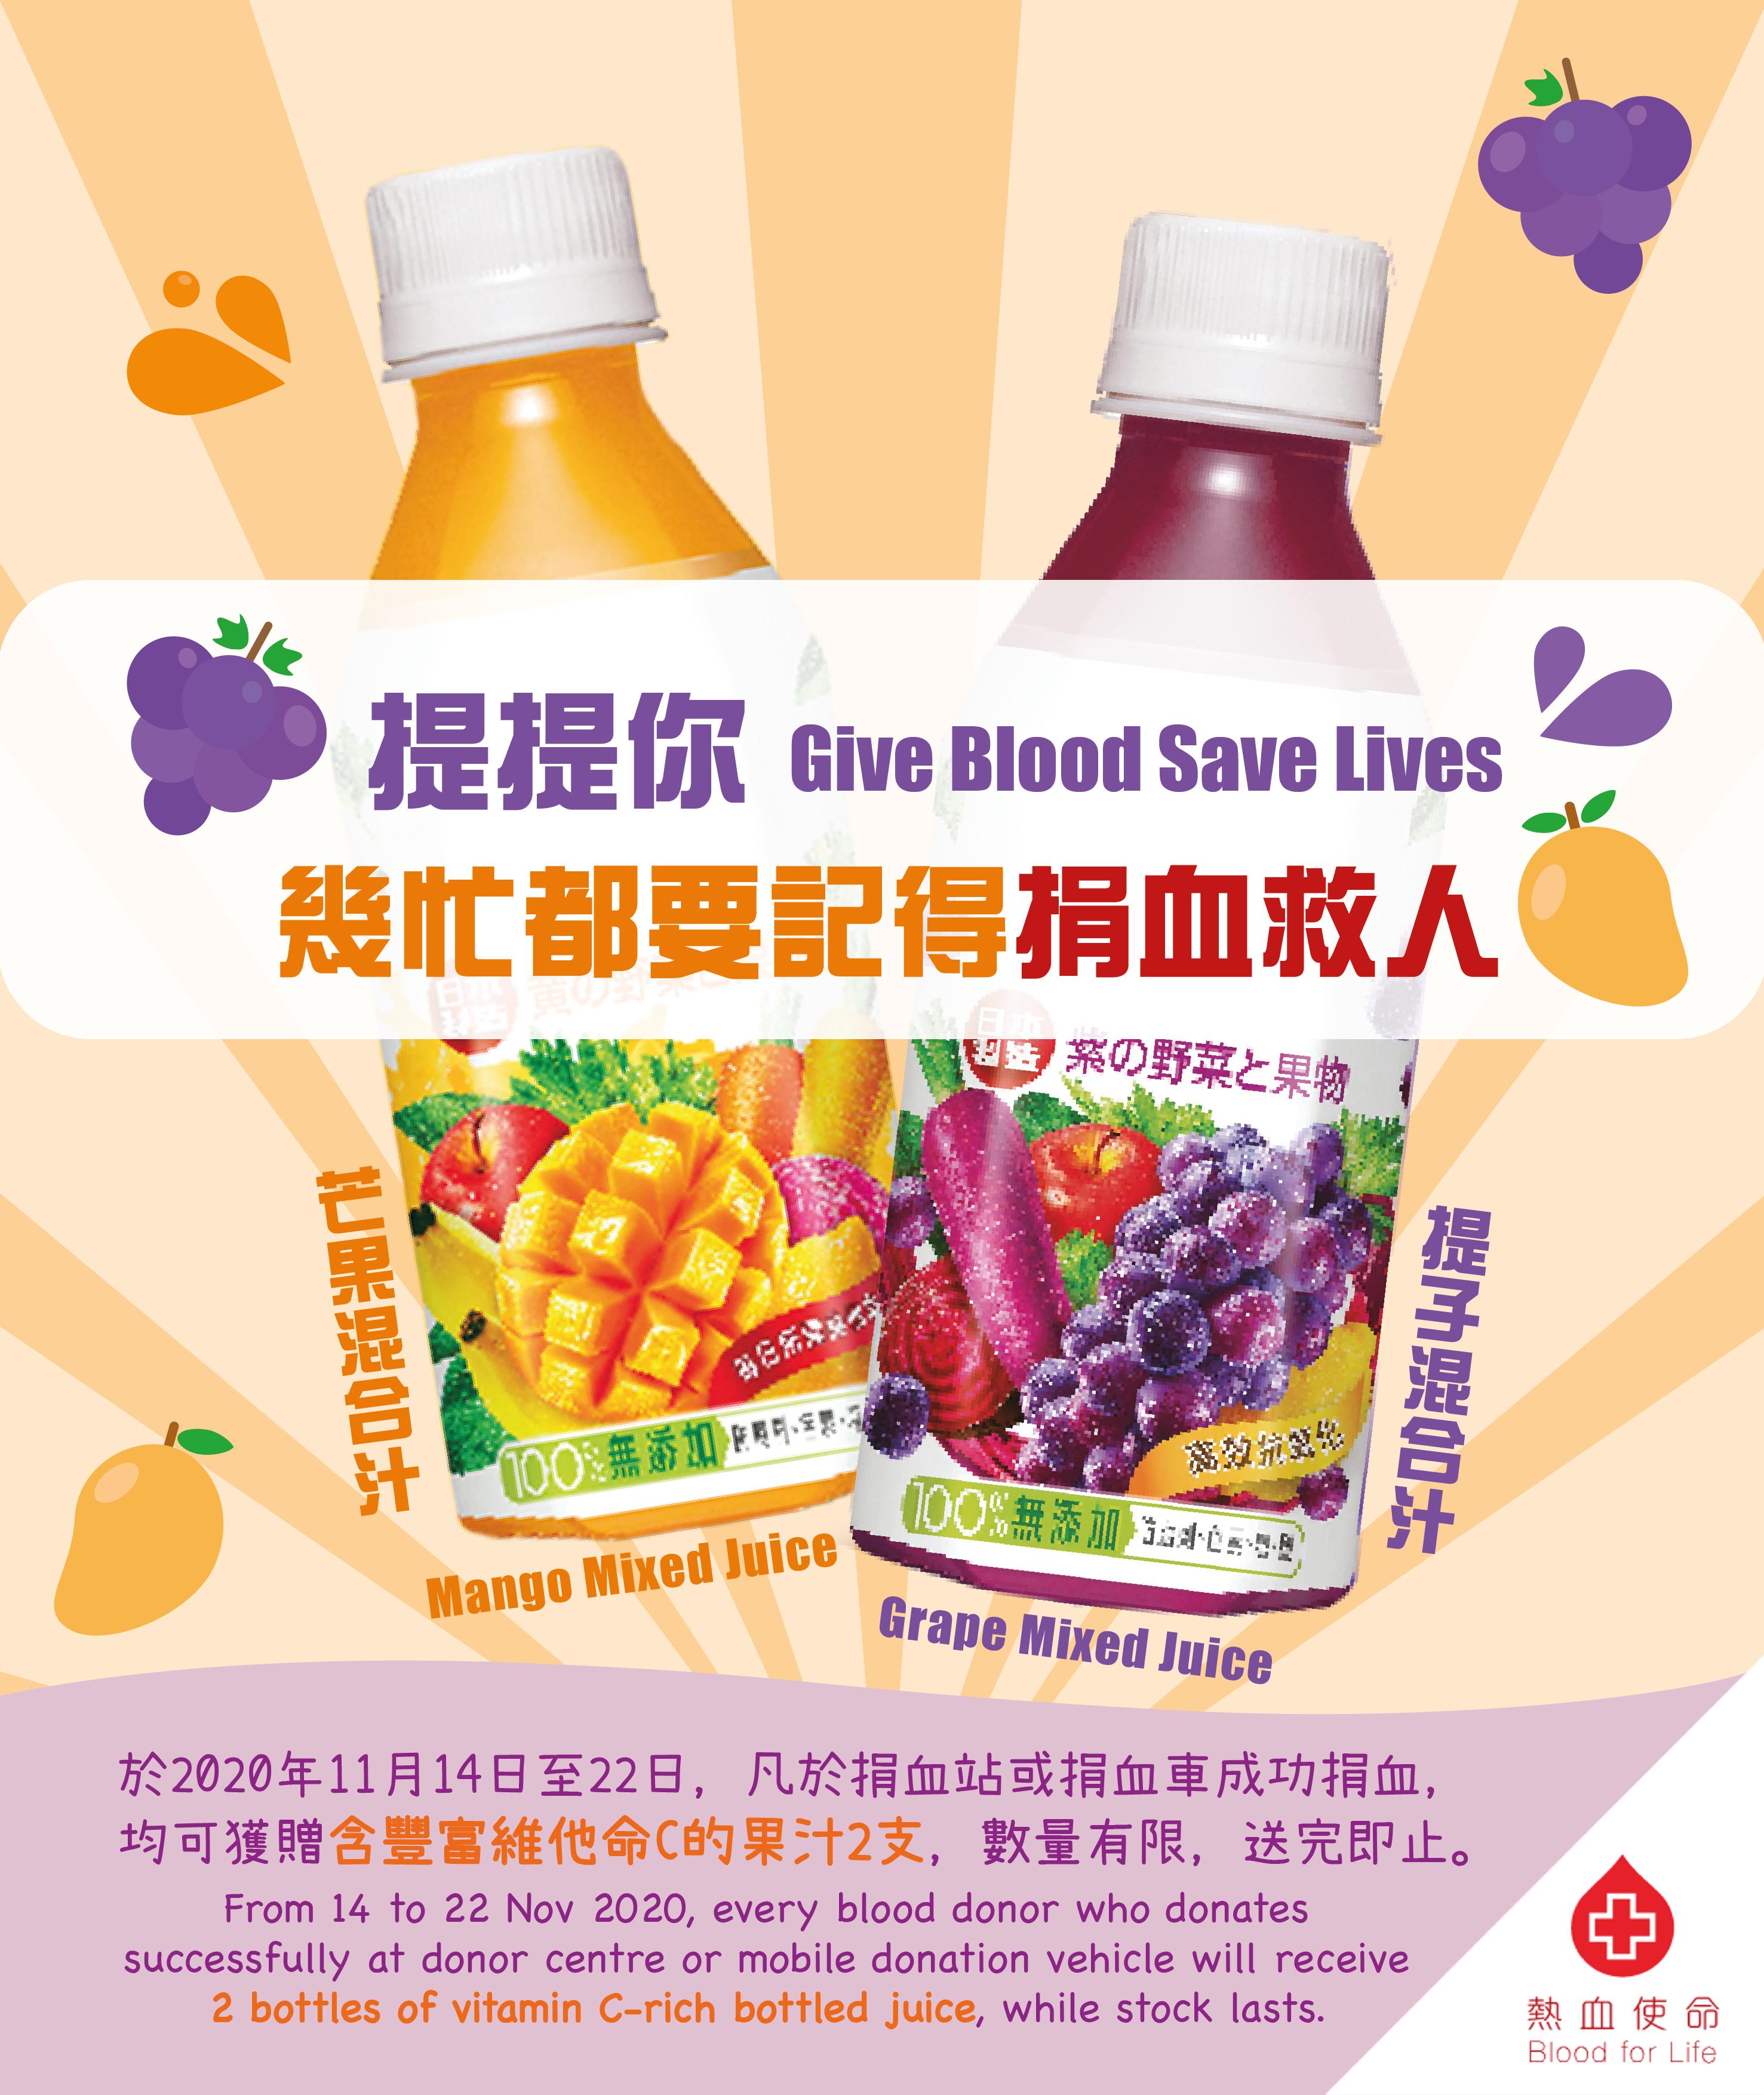 圖片: 於2020年11 月14日至22 日,凡於捐血站或捐血車成功捐血,即可獲贈含豐富維他命C 的果汁兩支,數量有限,送完即止。